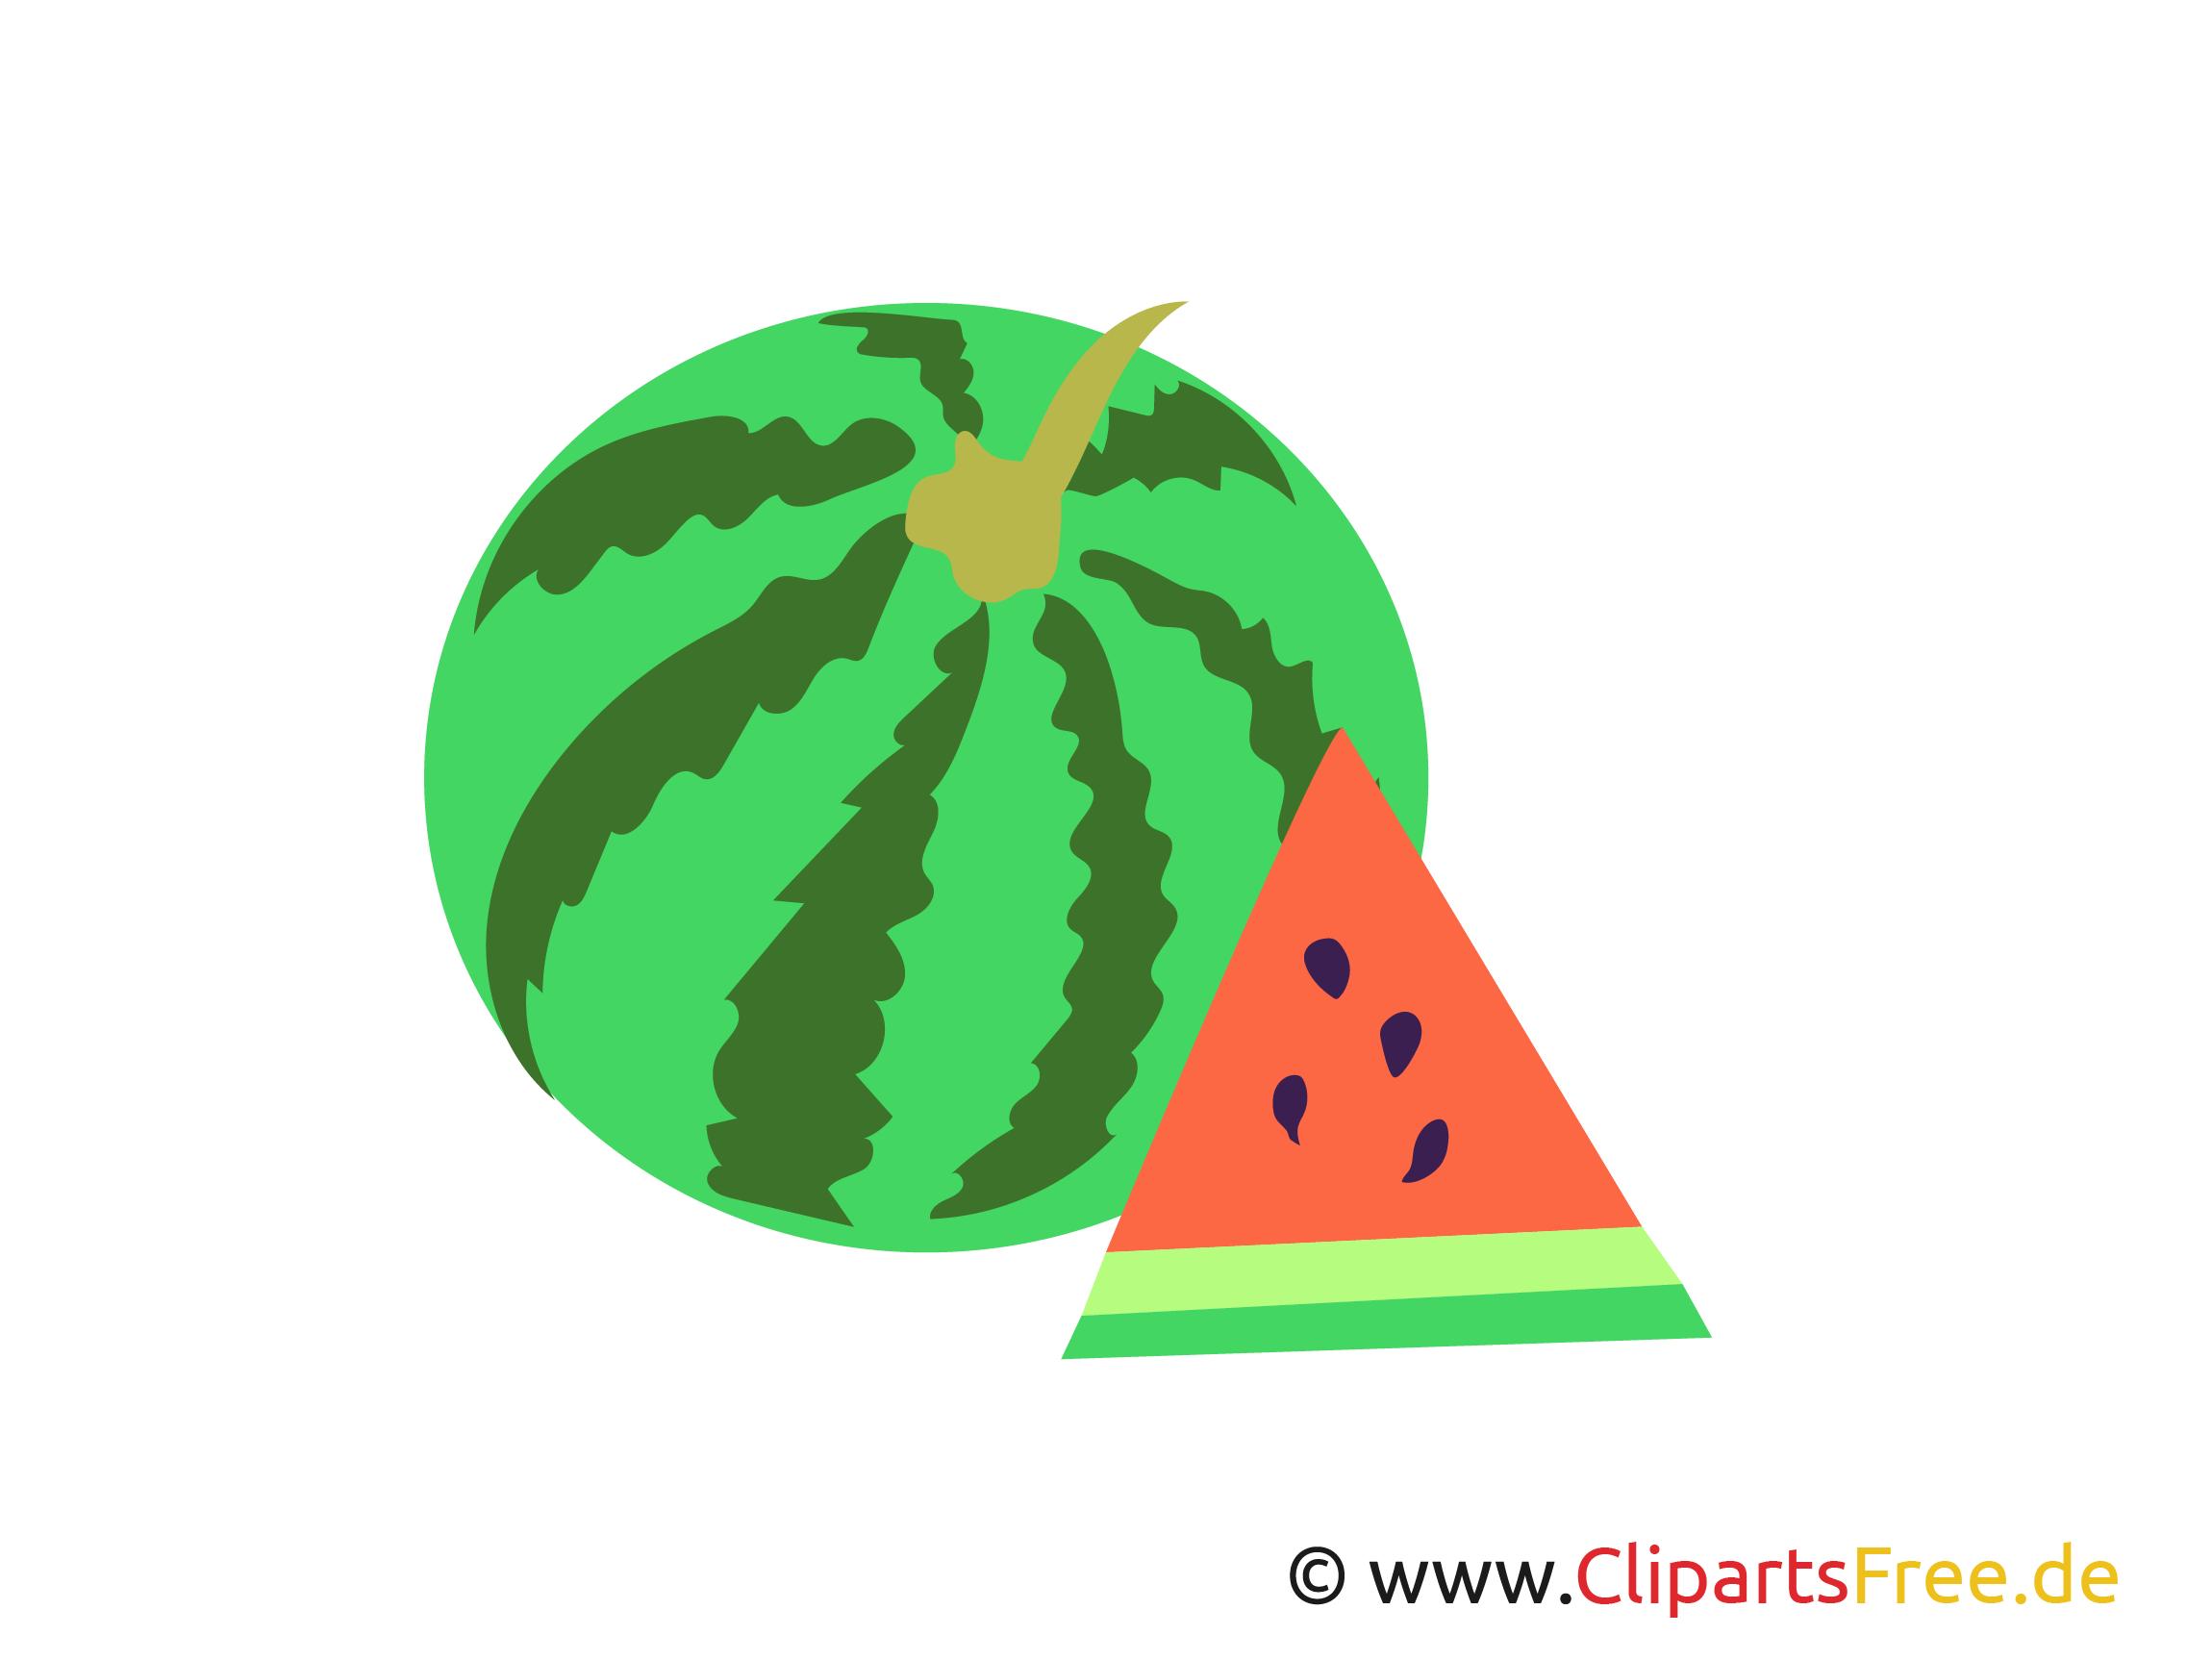 Wassermelone einfaches Clipart, Bilder, Images